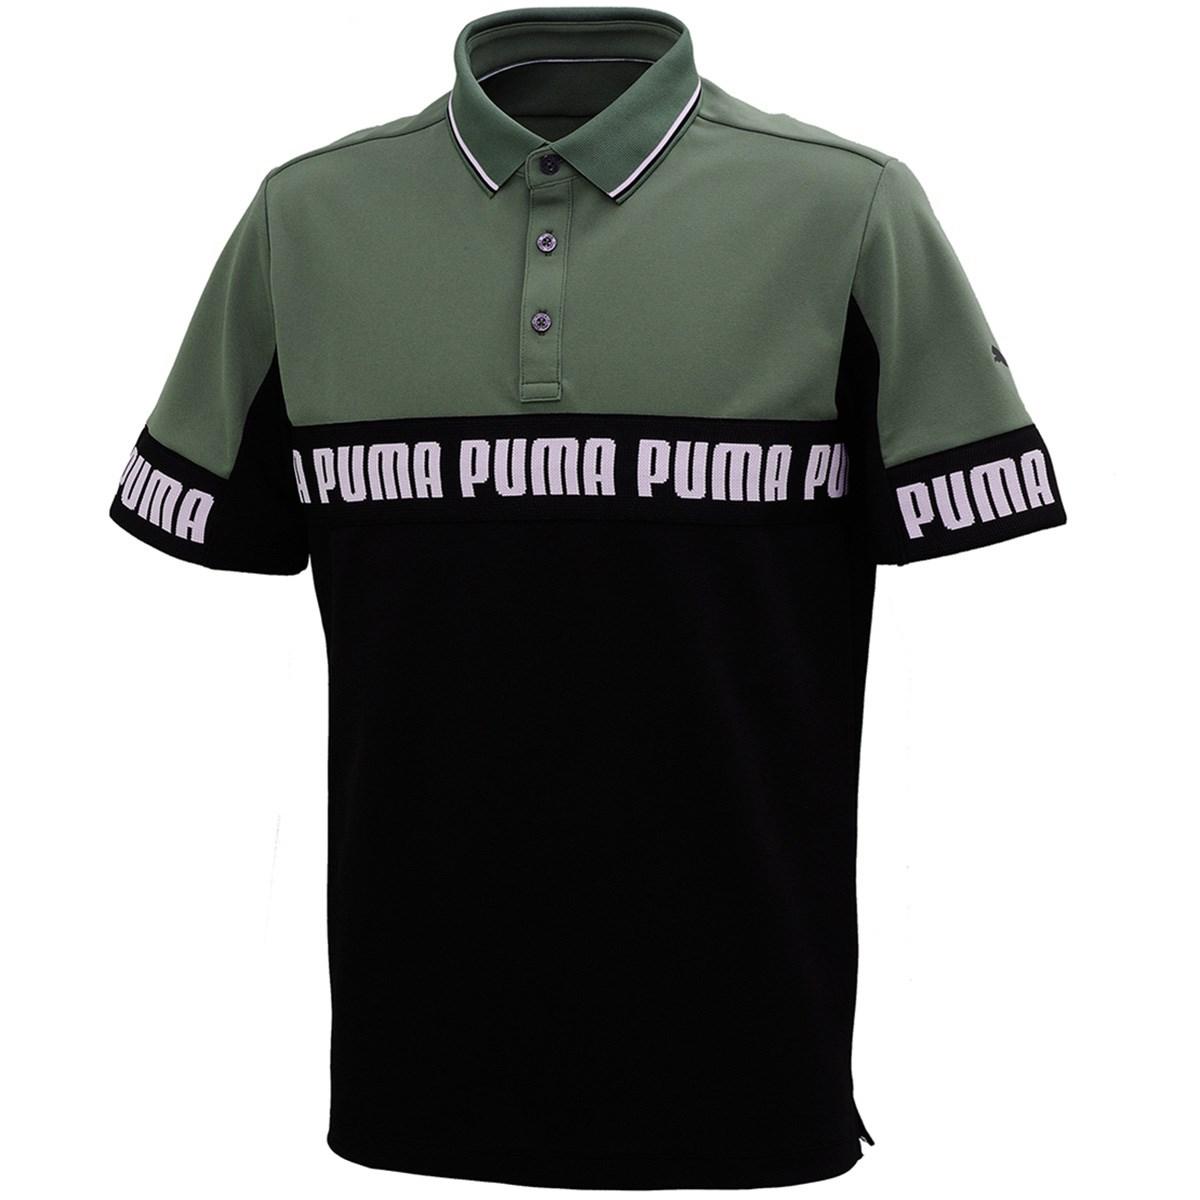 プーマ(PUMA) REBEL 半袖ポロシャツ